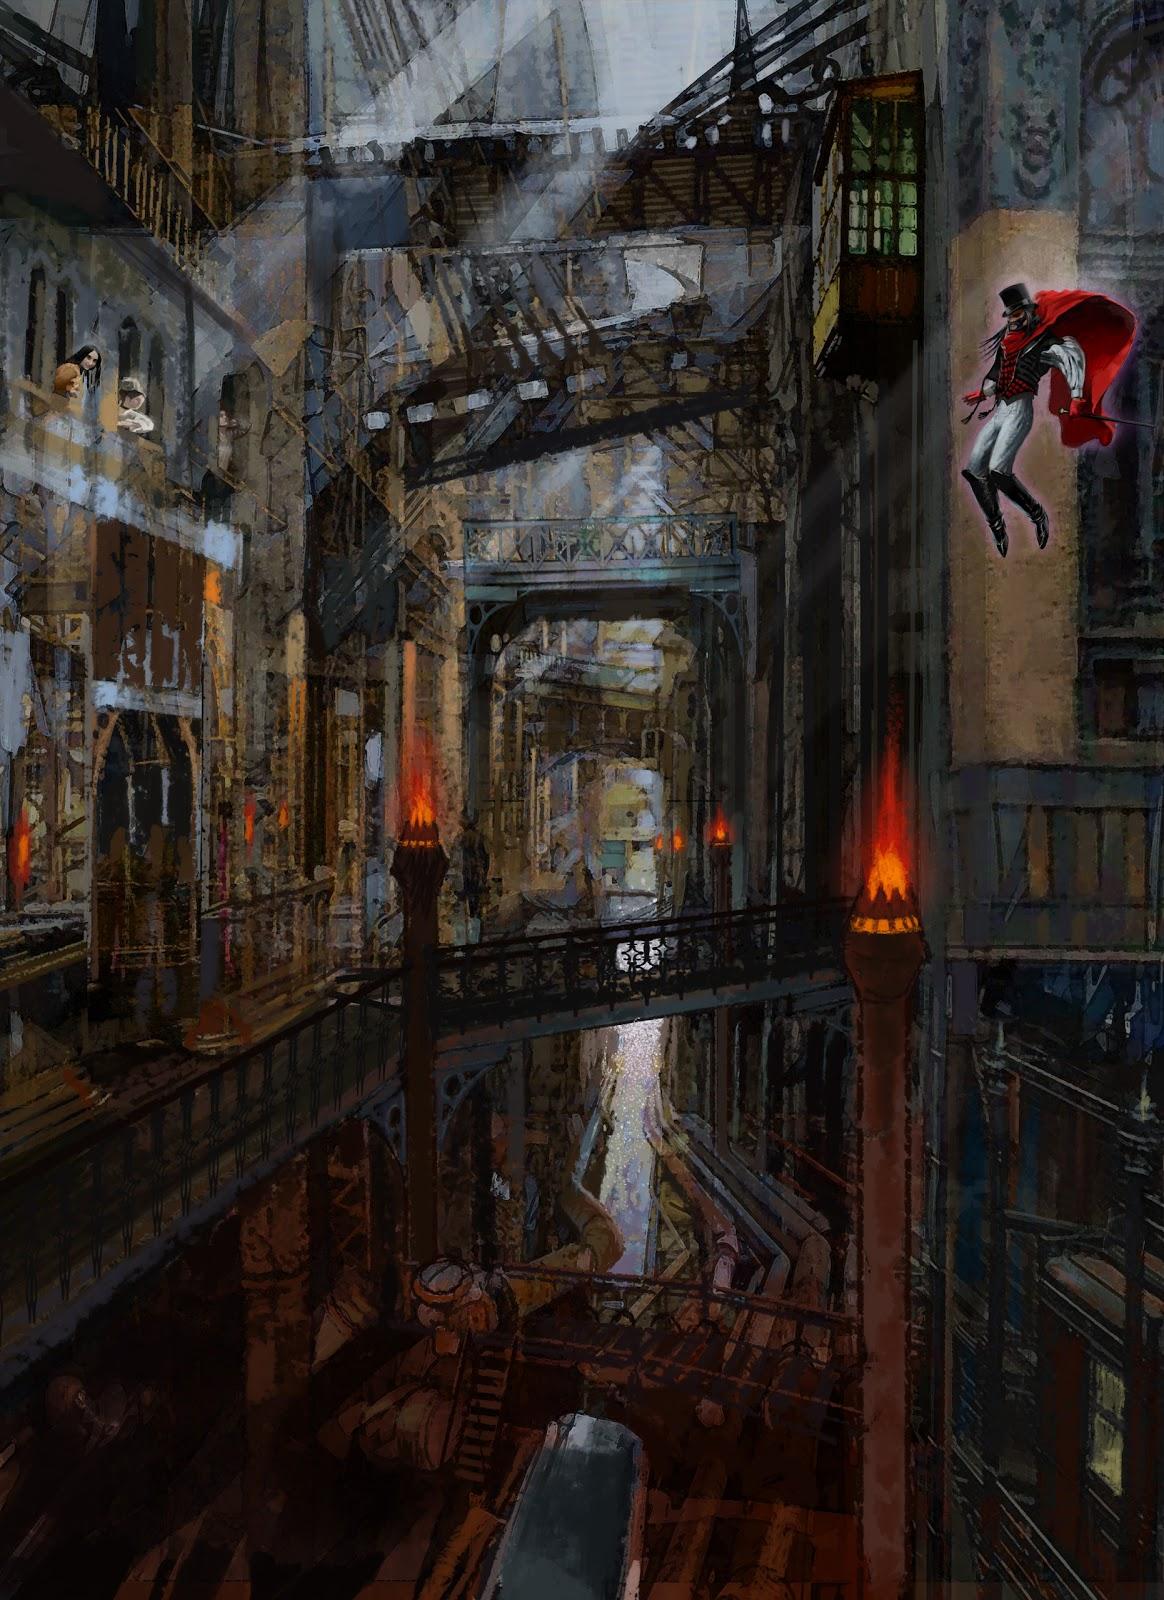 Steampunk_Travaille_slums_V2.jpg